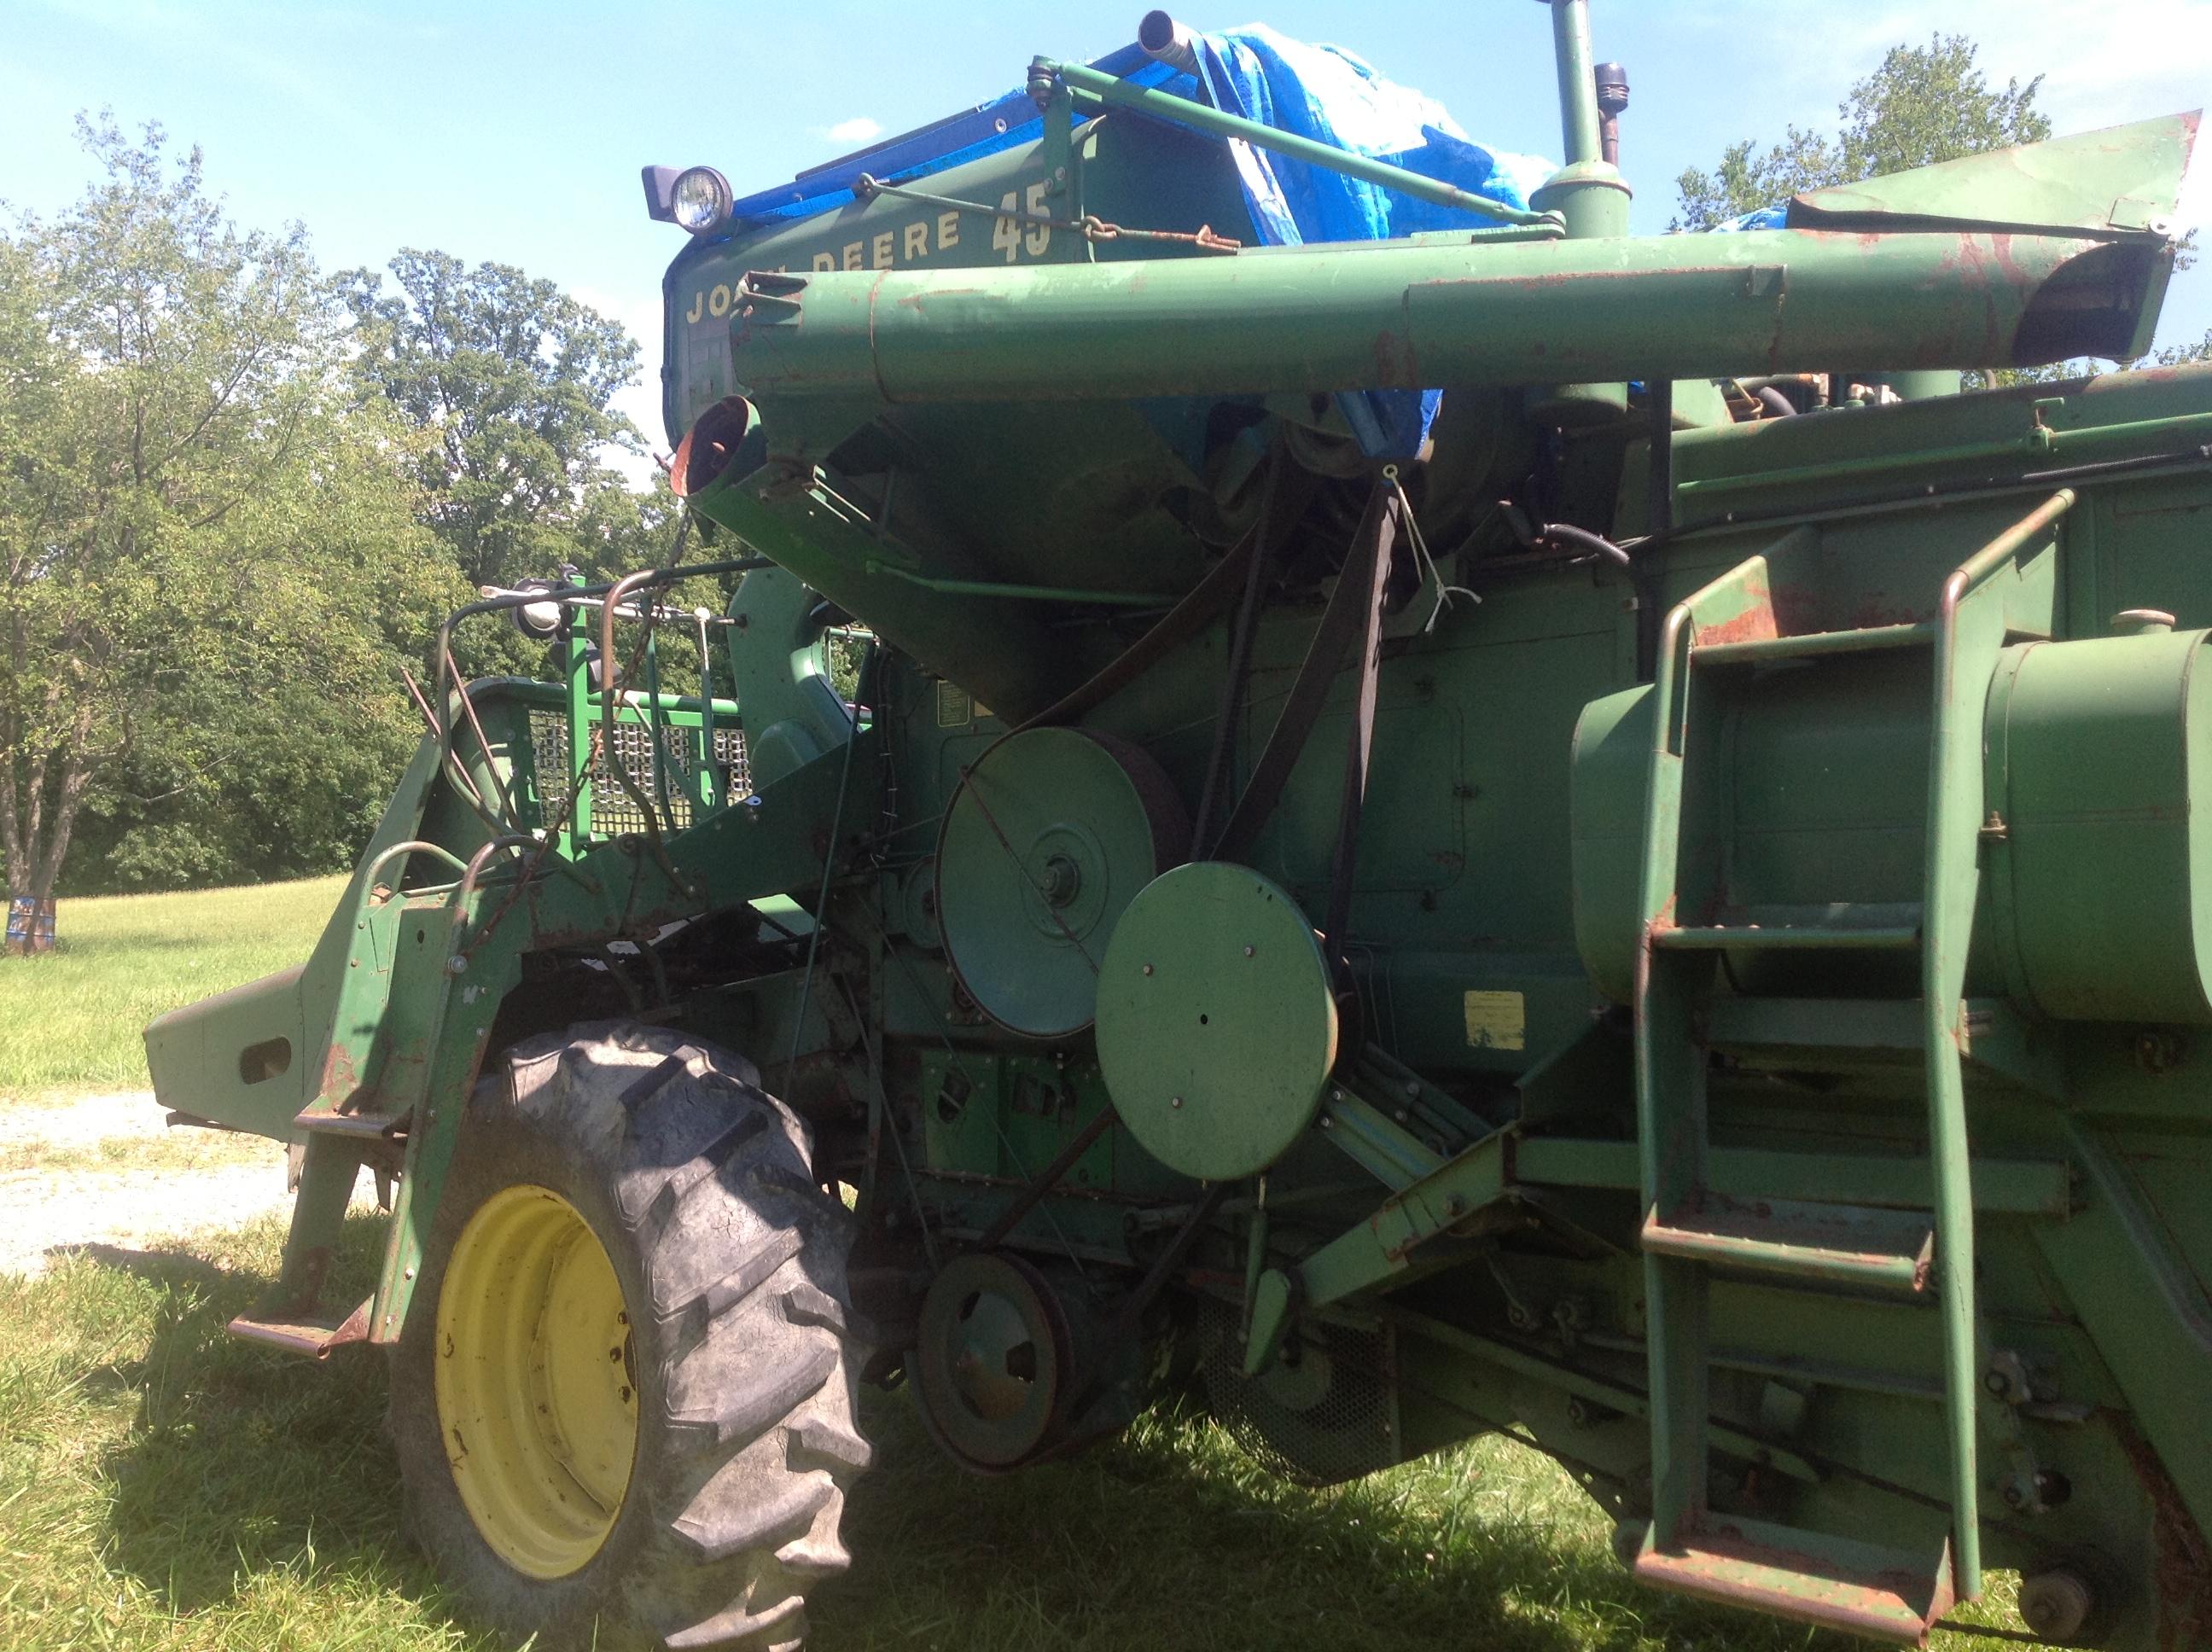 John Deere 45 Combine Parts Antique Tractor Wiring Harness Ebay